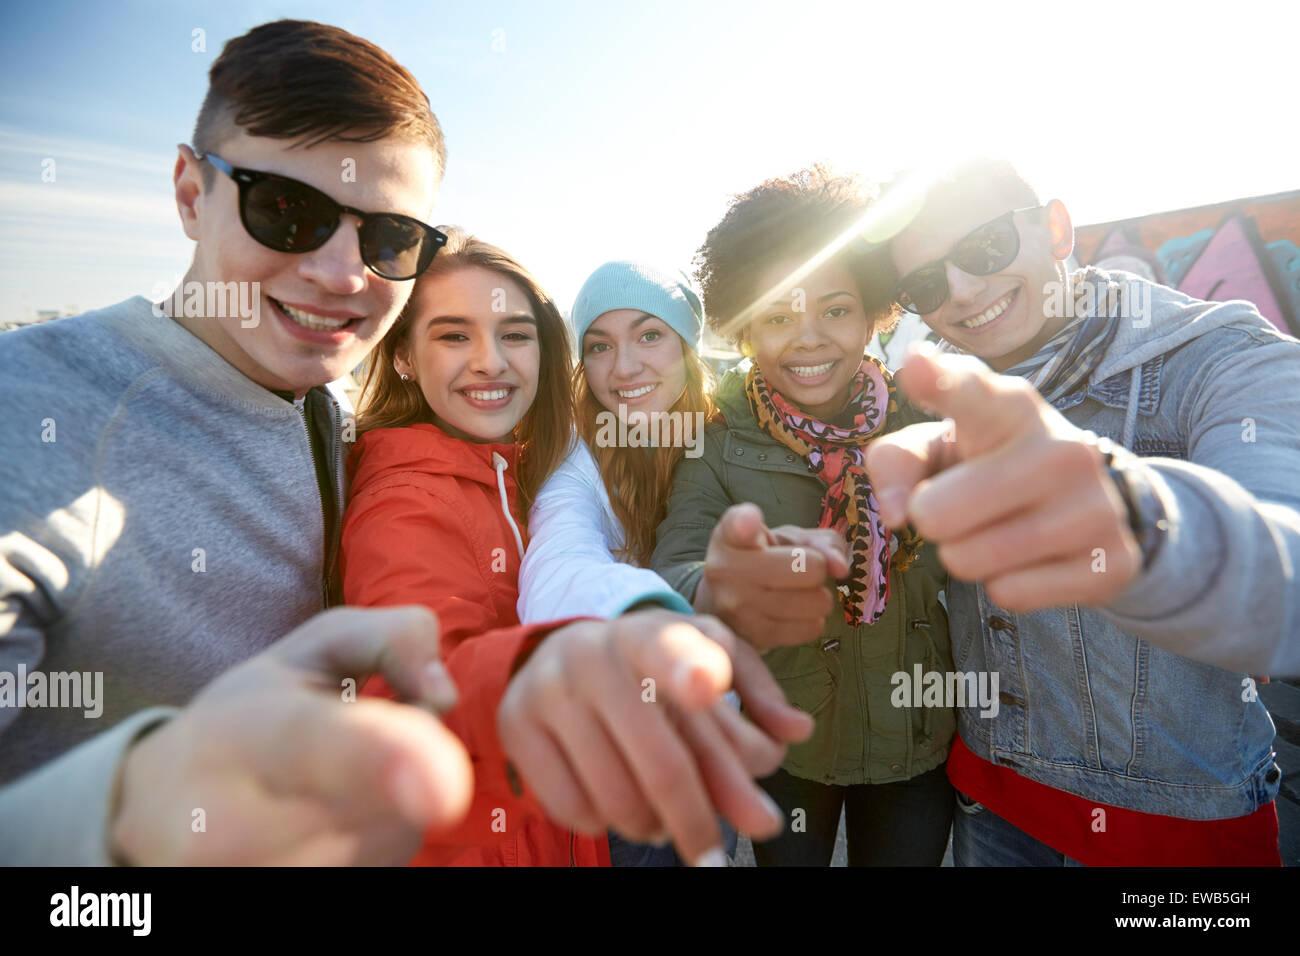 Happy amici adolescenti dita di puntamento su strada Immagini Stock